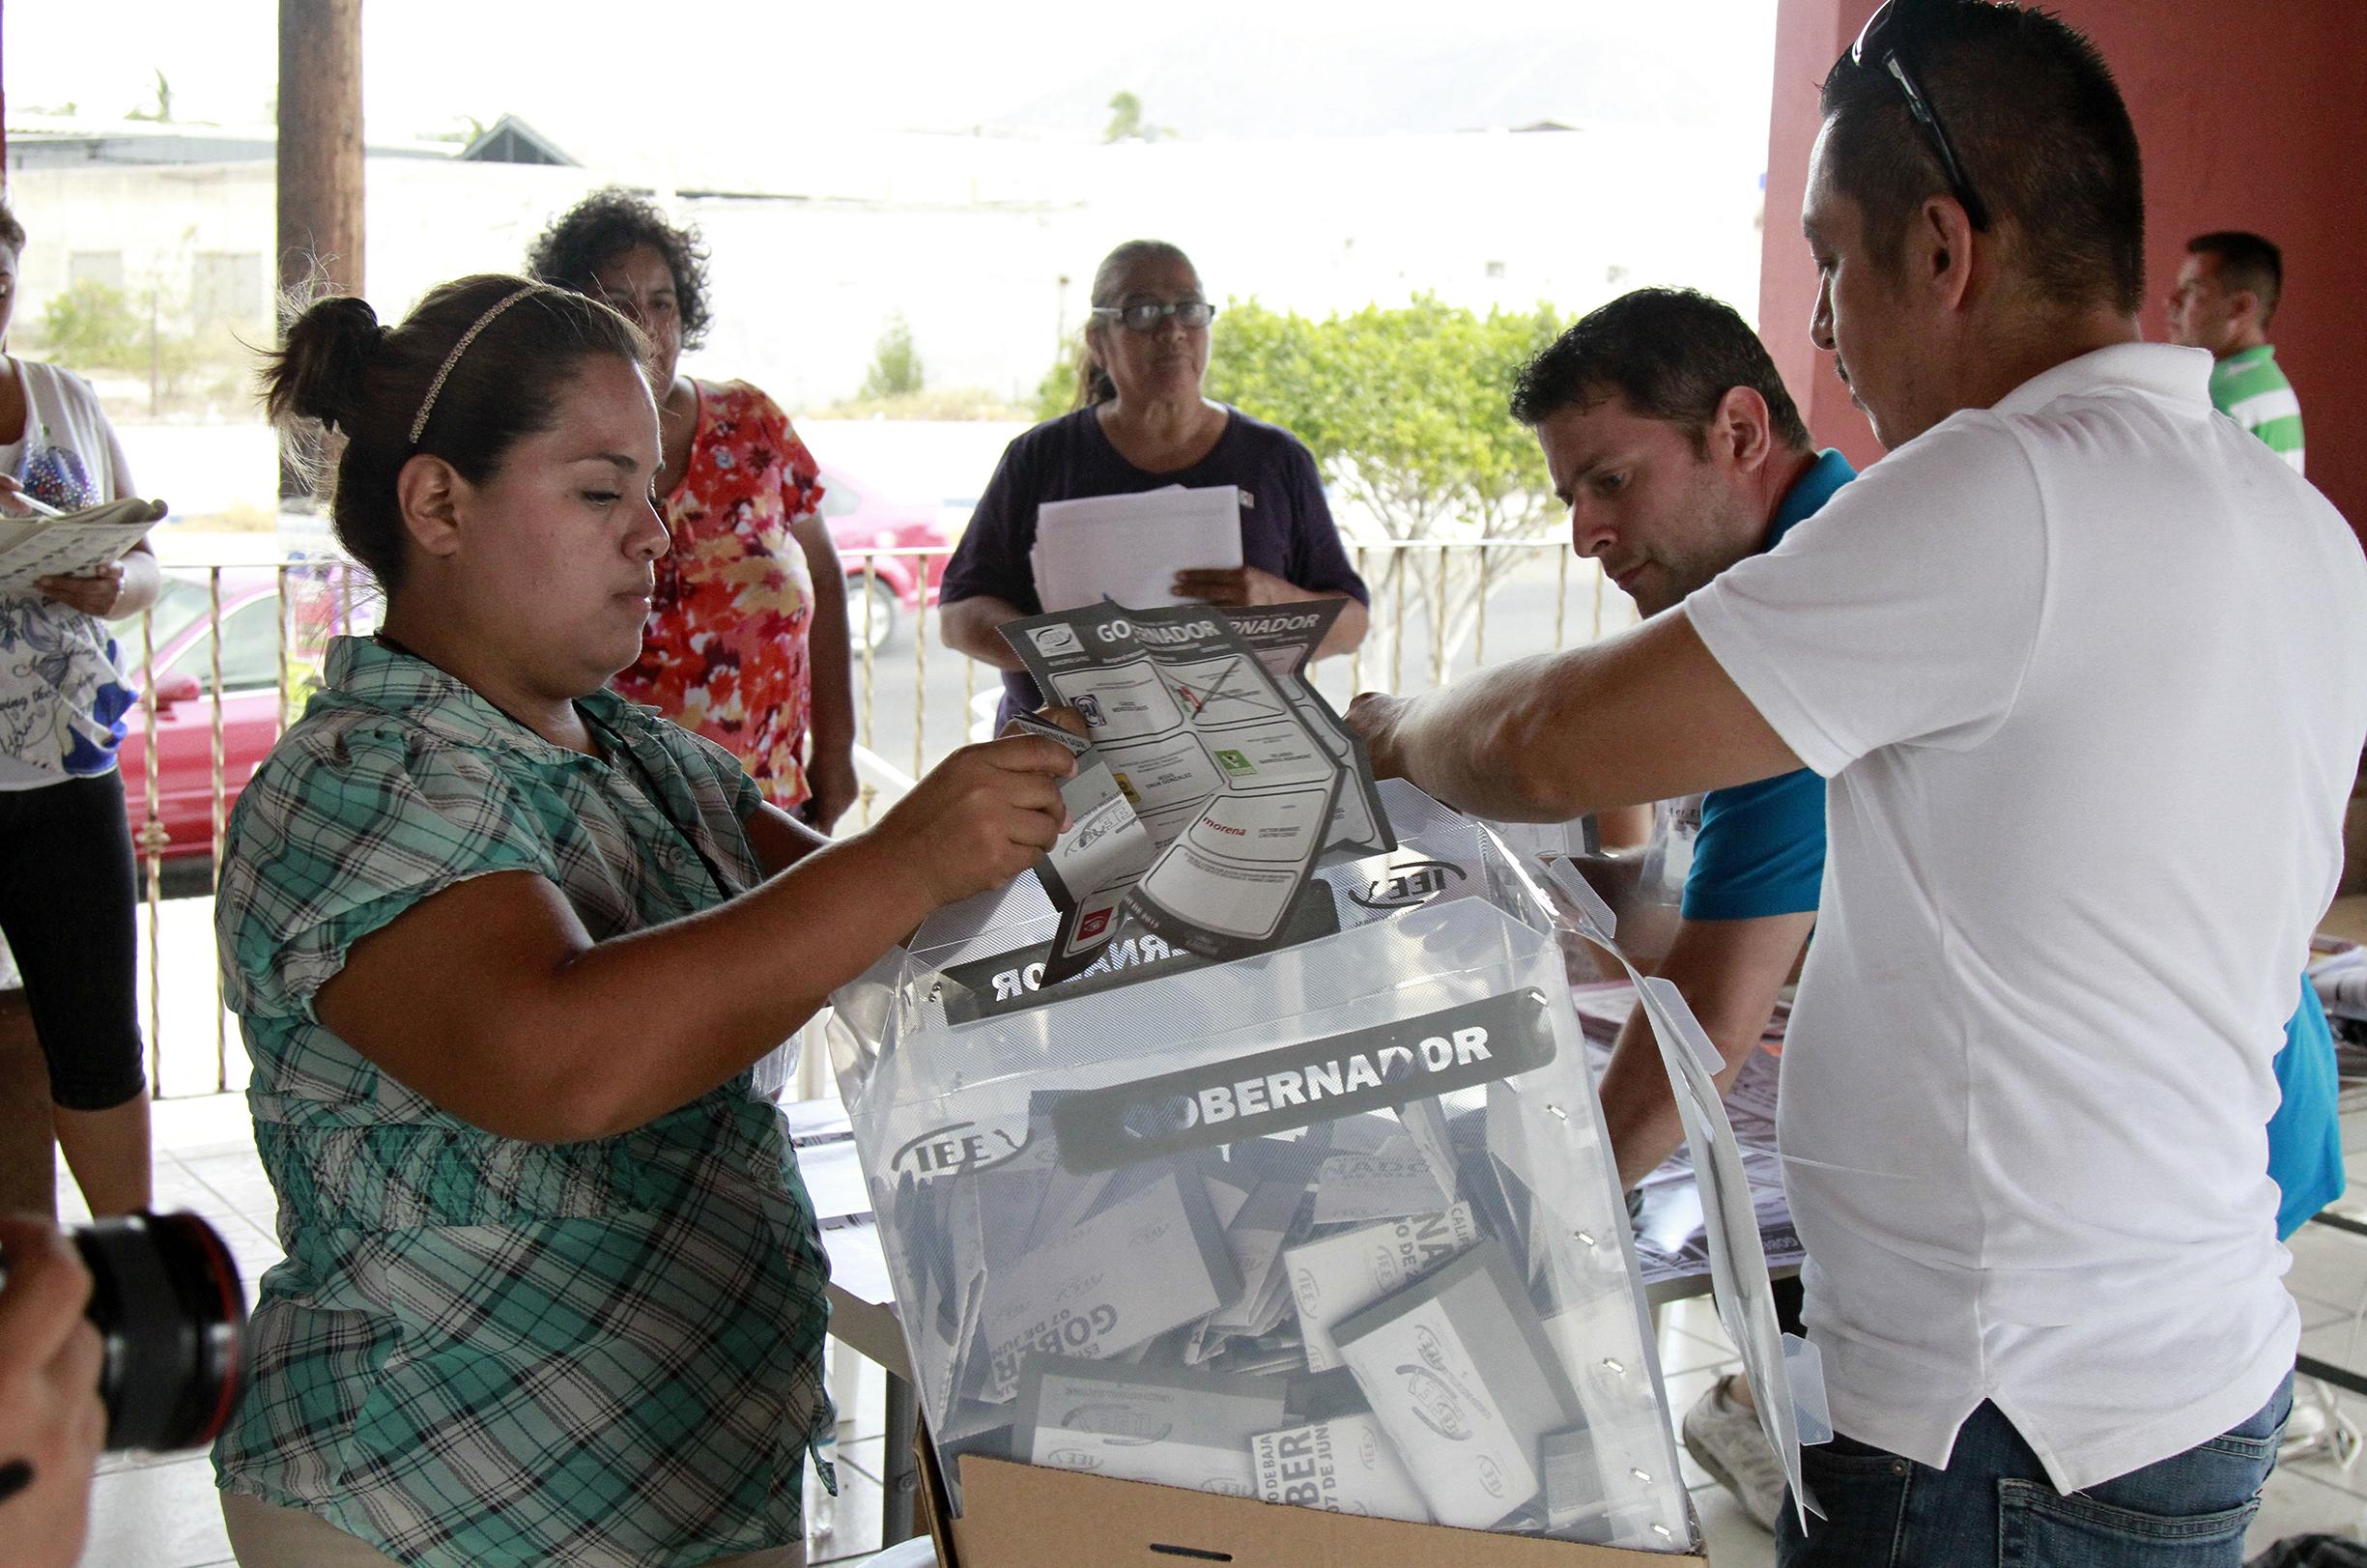 50607430. La Paz.- Cierran casillas e inicia el conteo de votos en Baja California Sur. NOTIMEX/FOTO/EDUARDO JARAMILLO/FRE/POL/ELECCIONES15/BCS/